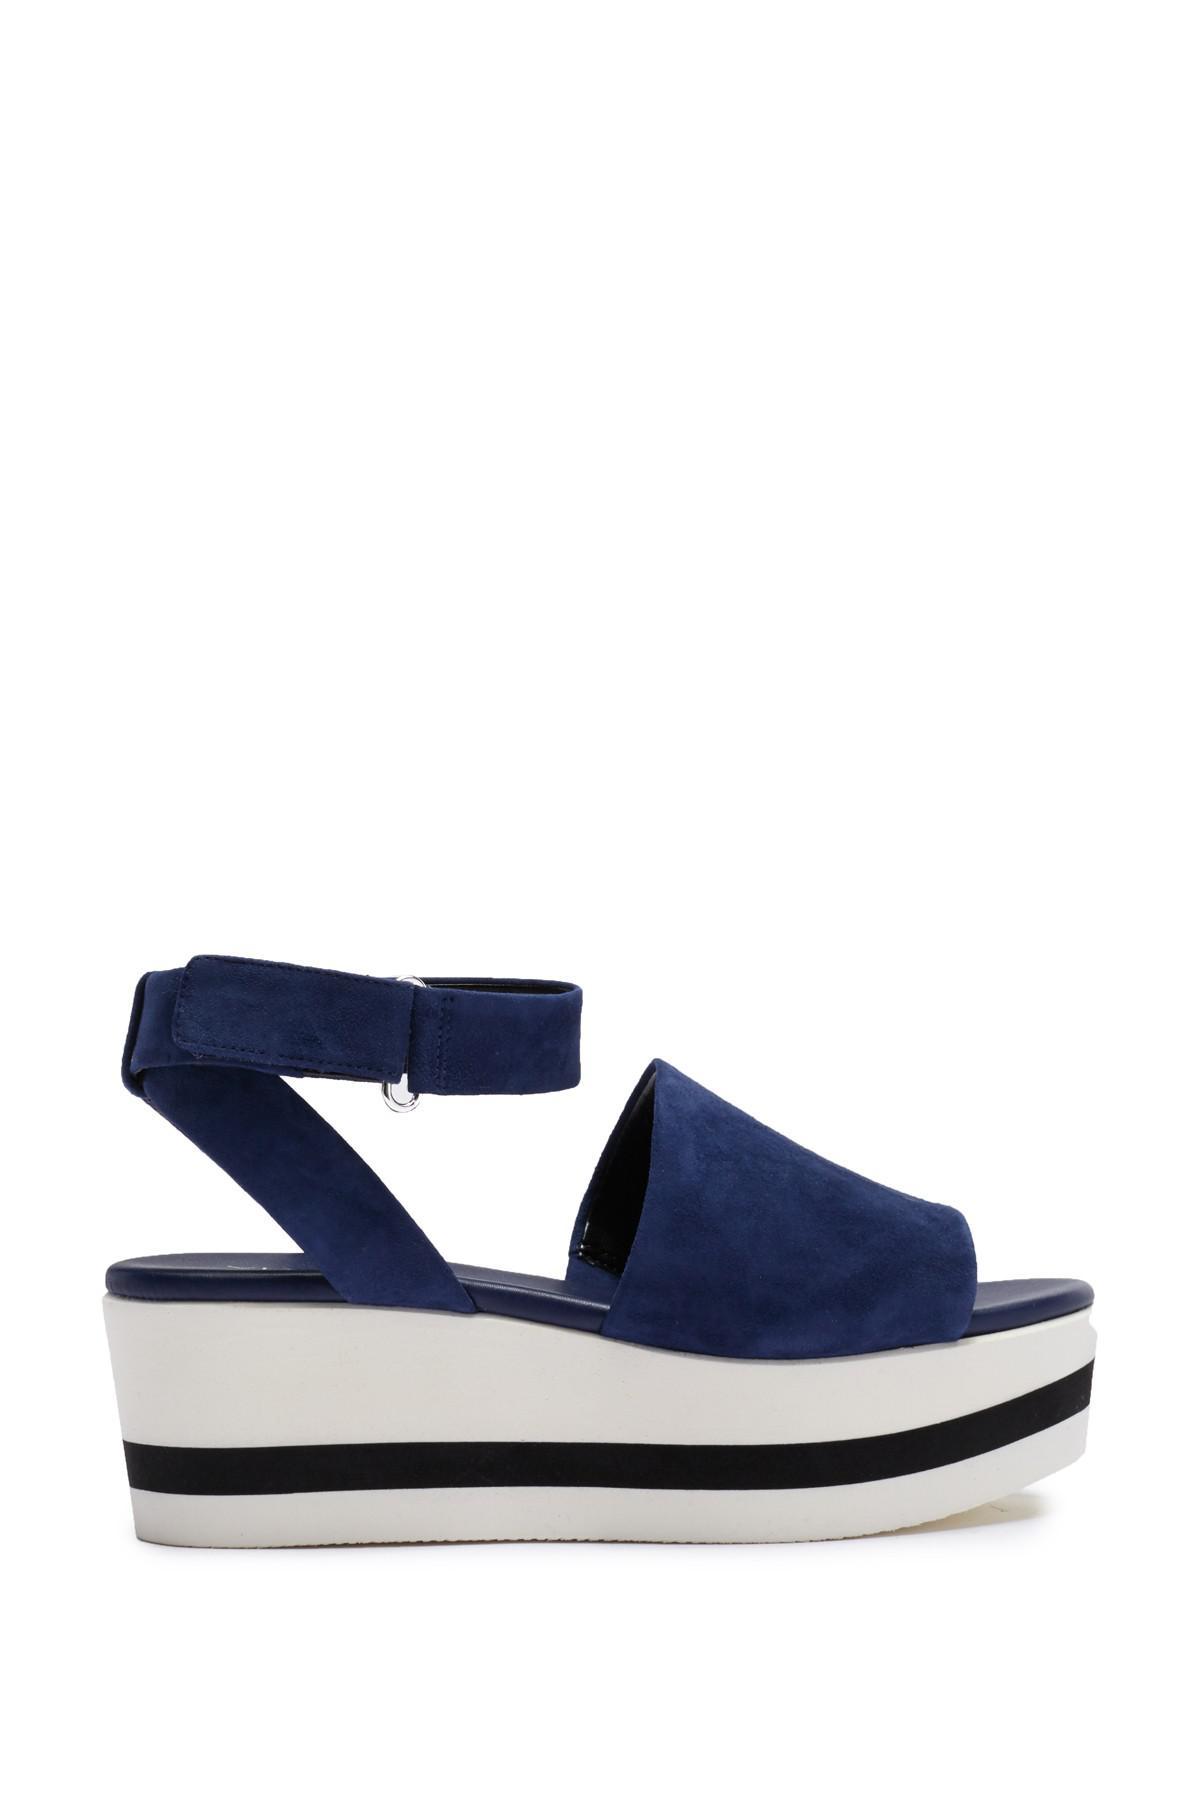 5a5025e73f2 Lyst - Via Spiga Nirvelli Ankle Strap Platform Sandal in Blue